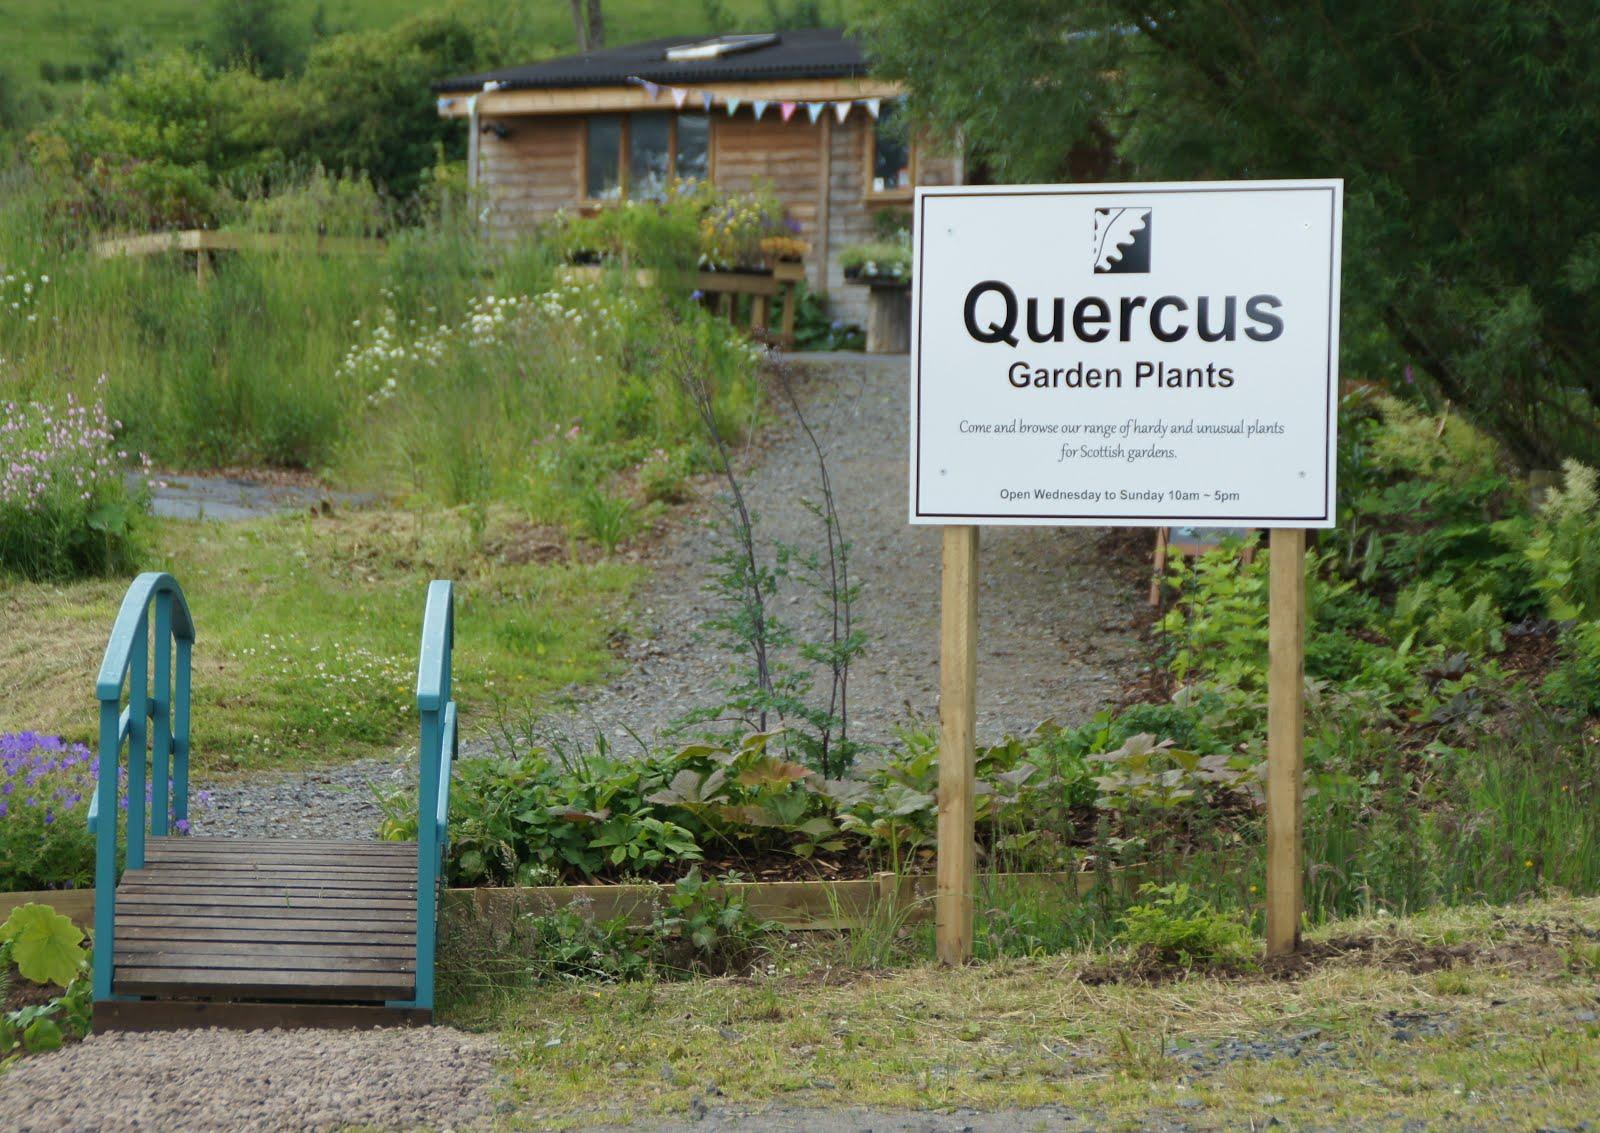 Quercus Garden Plants Facebook